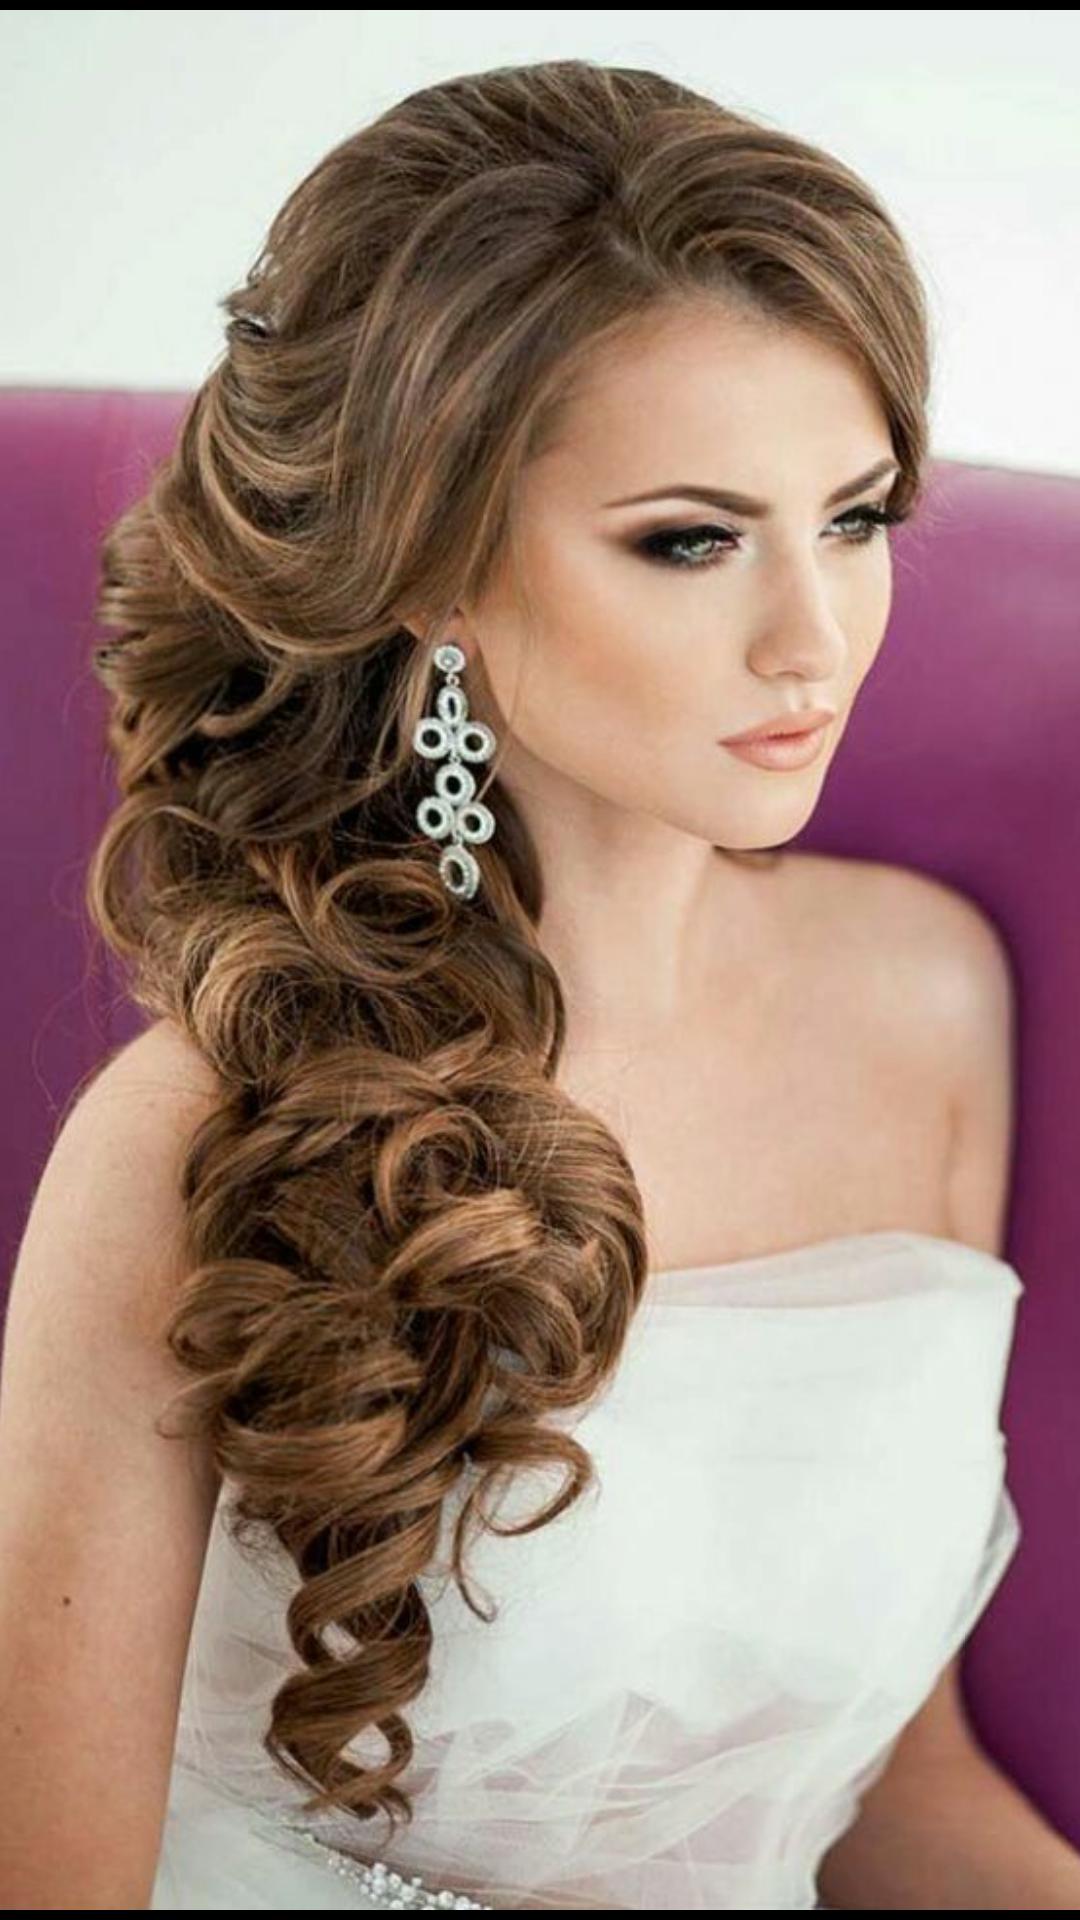 Смотрите фотографии красивых свадебных причёсок с чёлкой, локонами и цветами.